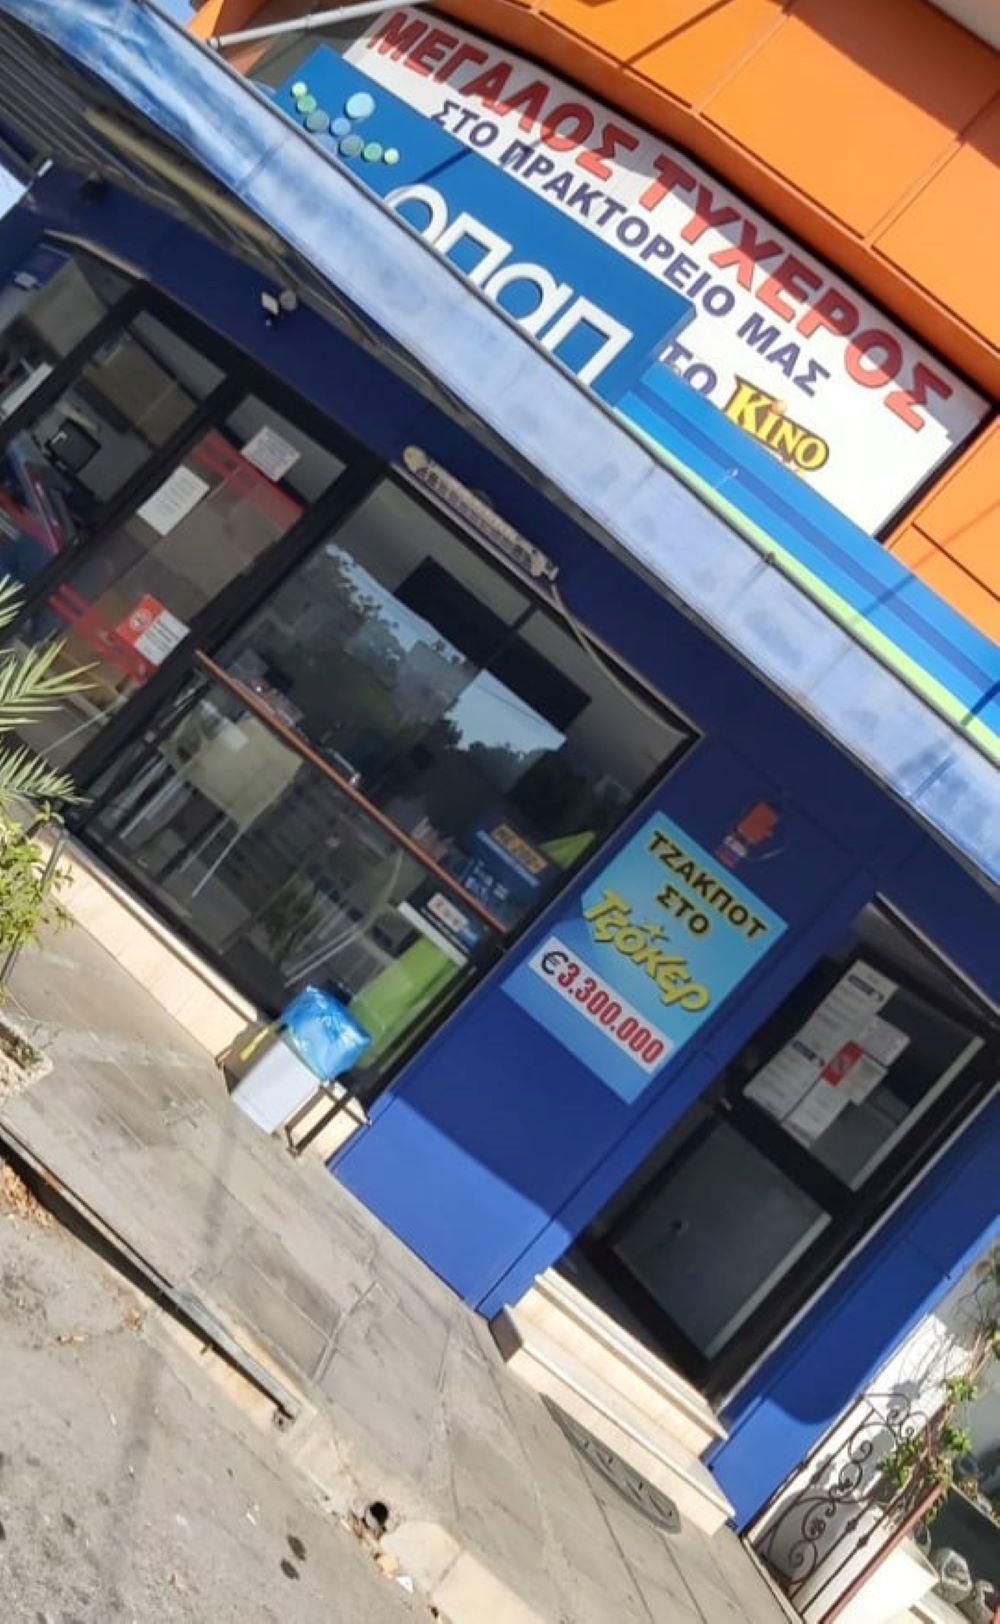 Τι δήλωσε στο LarnakaOnline ο ιδιοκτήτης του Πρακτορείου στη Λάρνακα για τον μεγάλο τυχερό